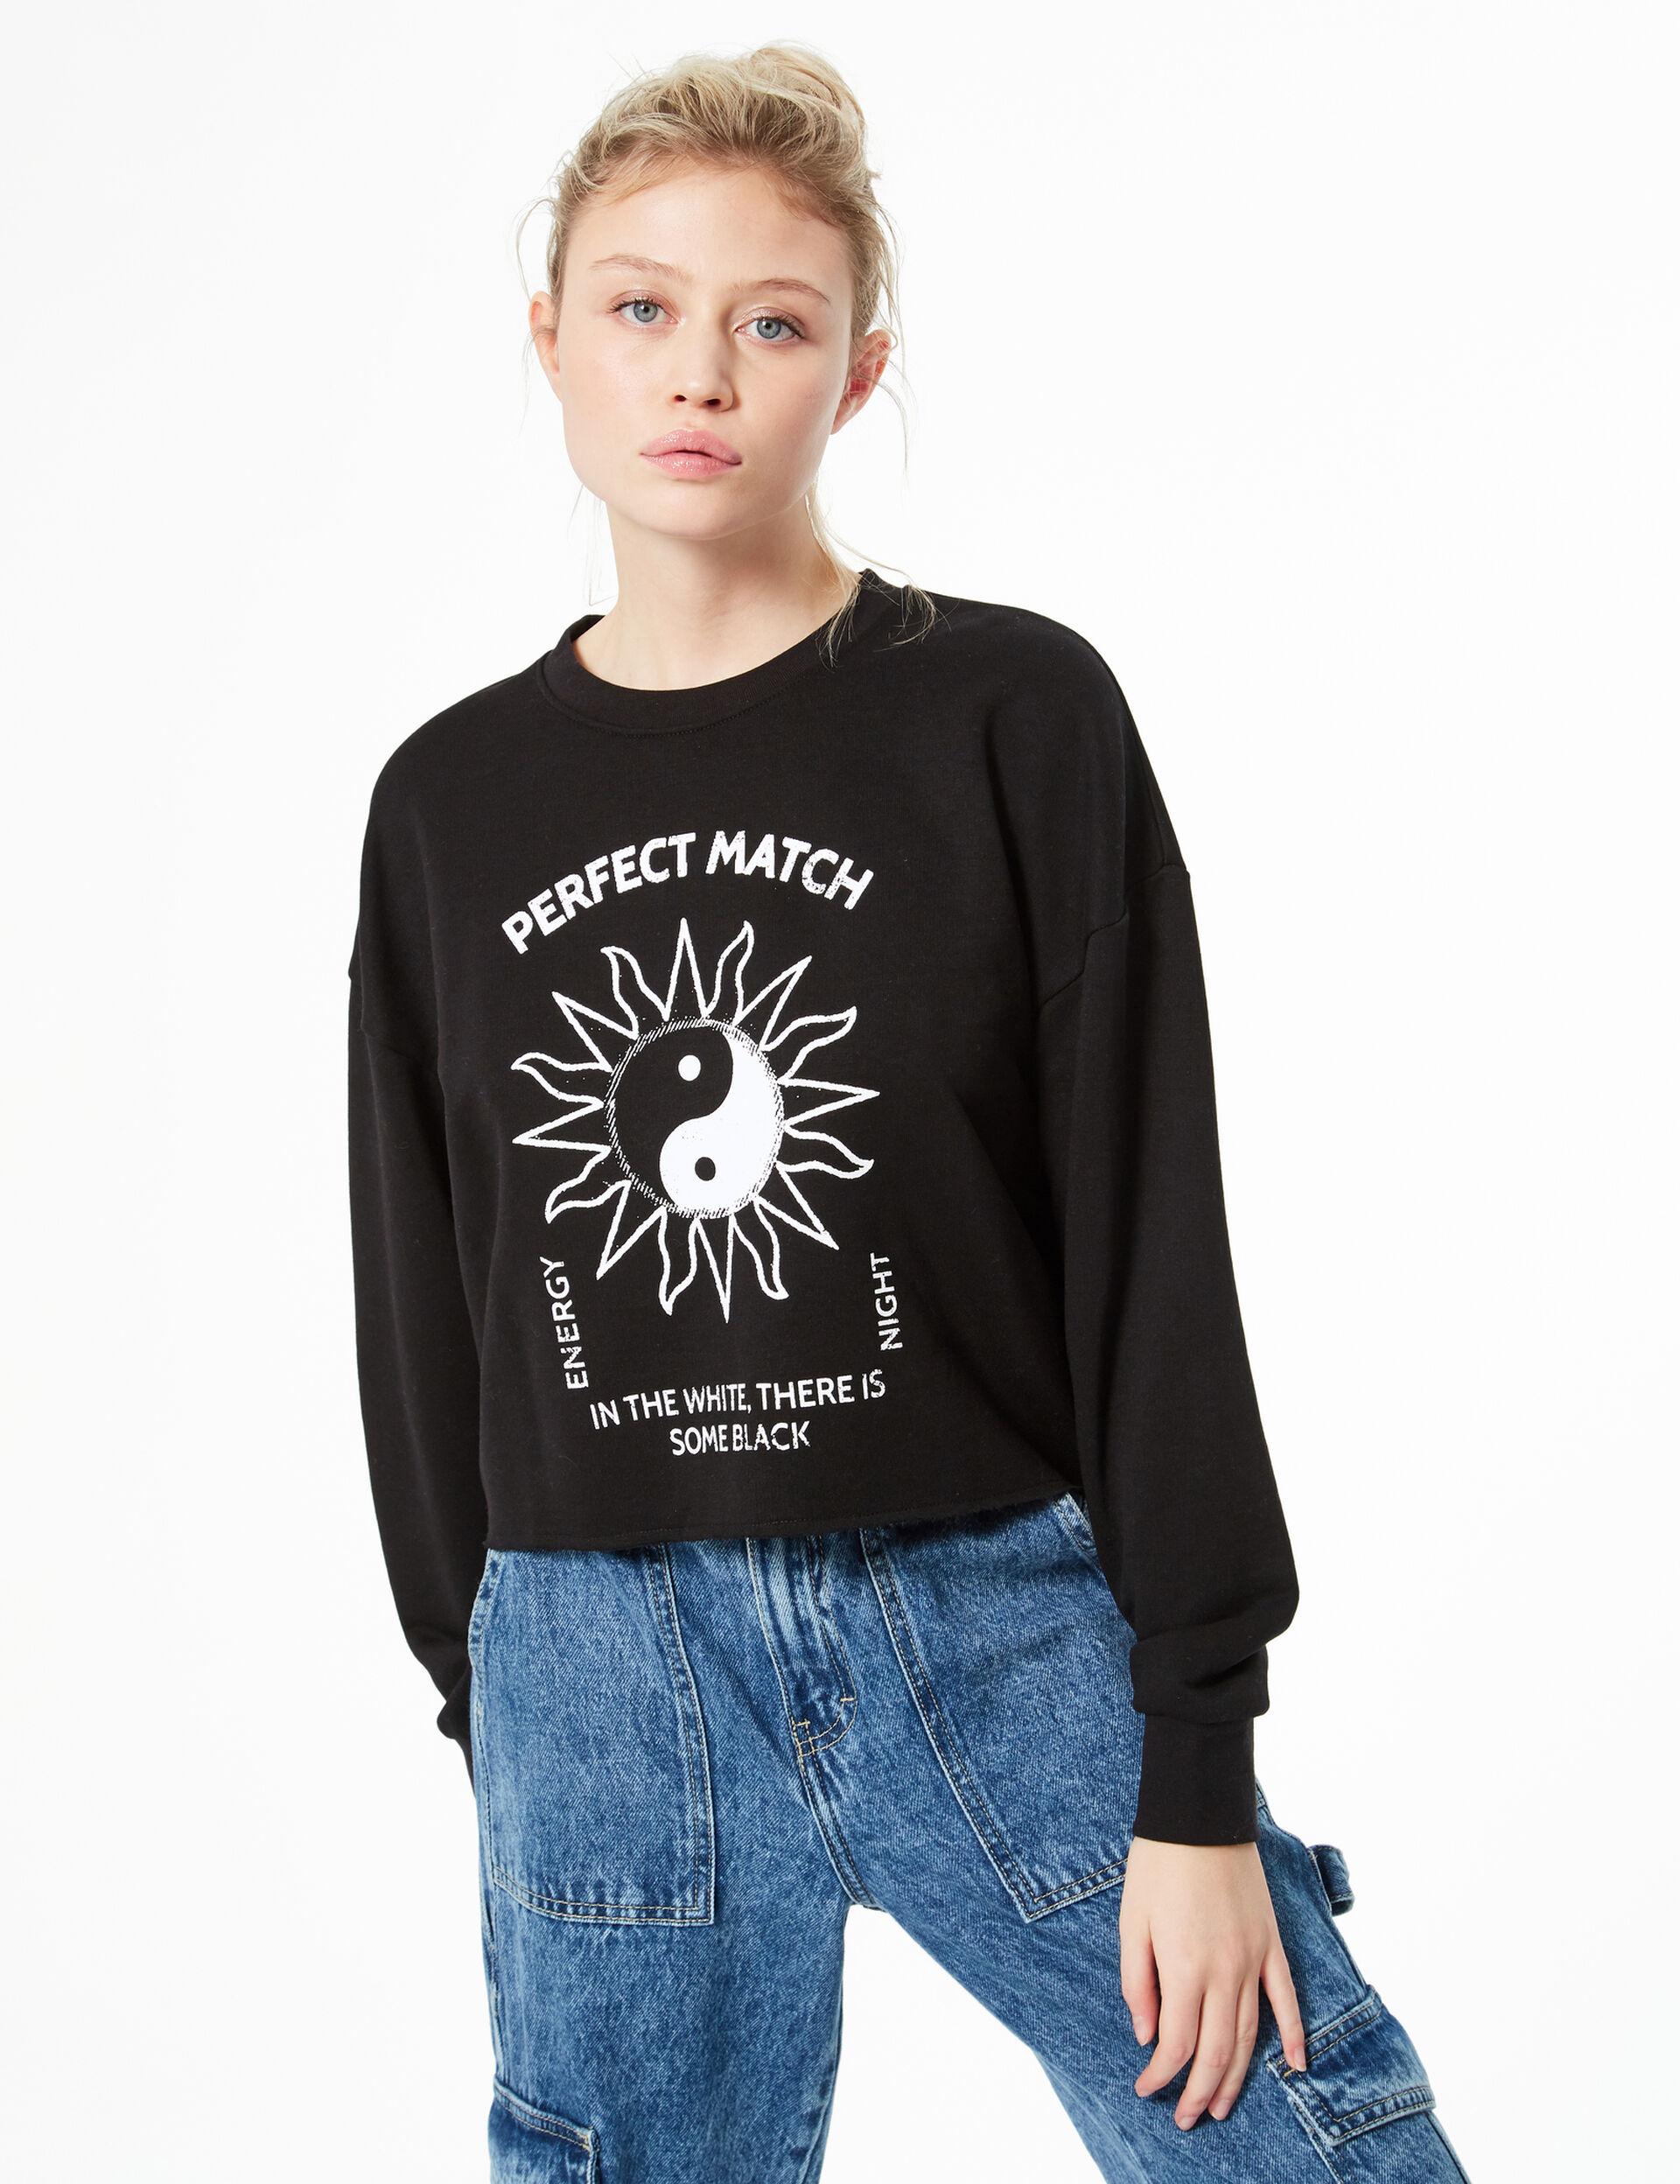 Yin yang slogan sweatshirt